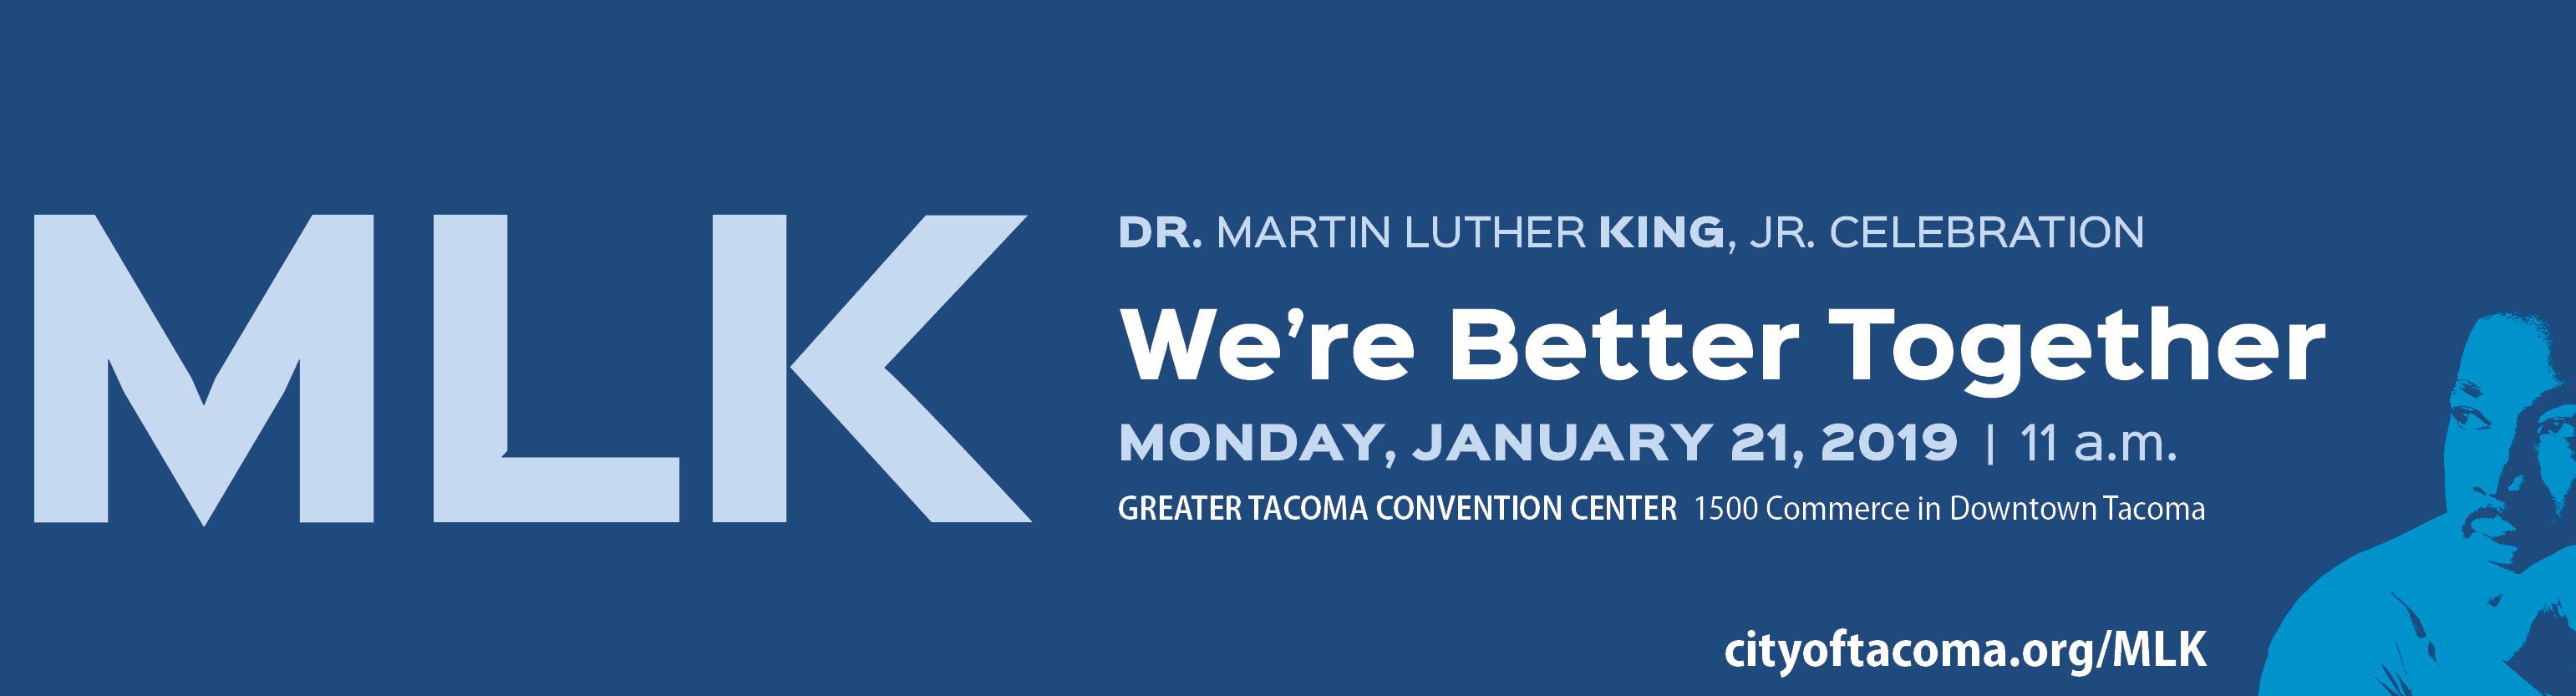 Event Calendar - City of Tacoma